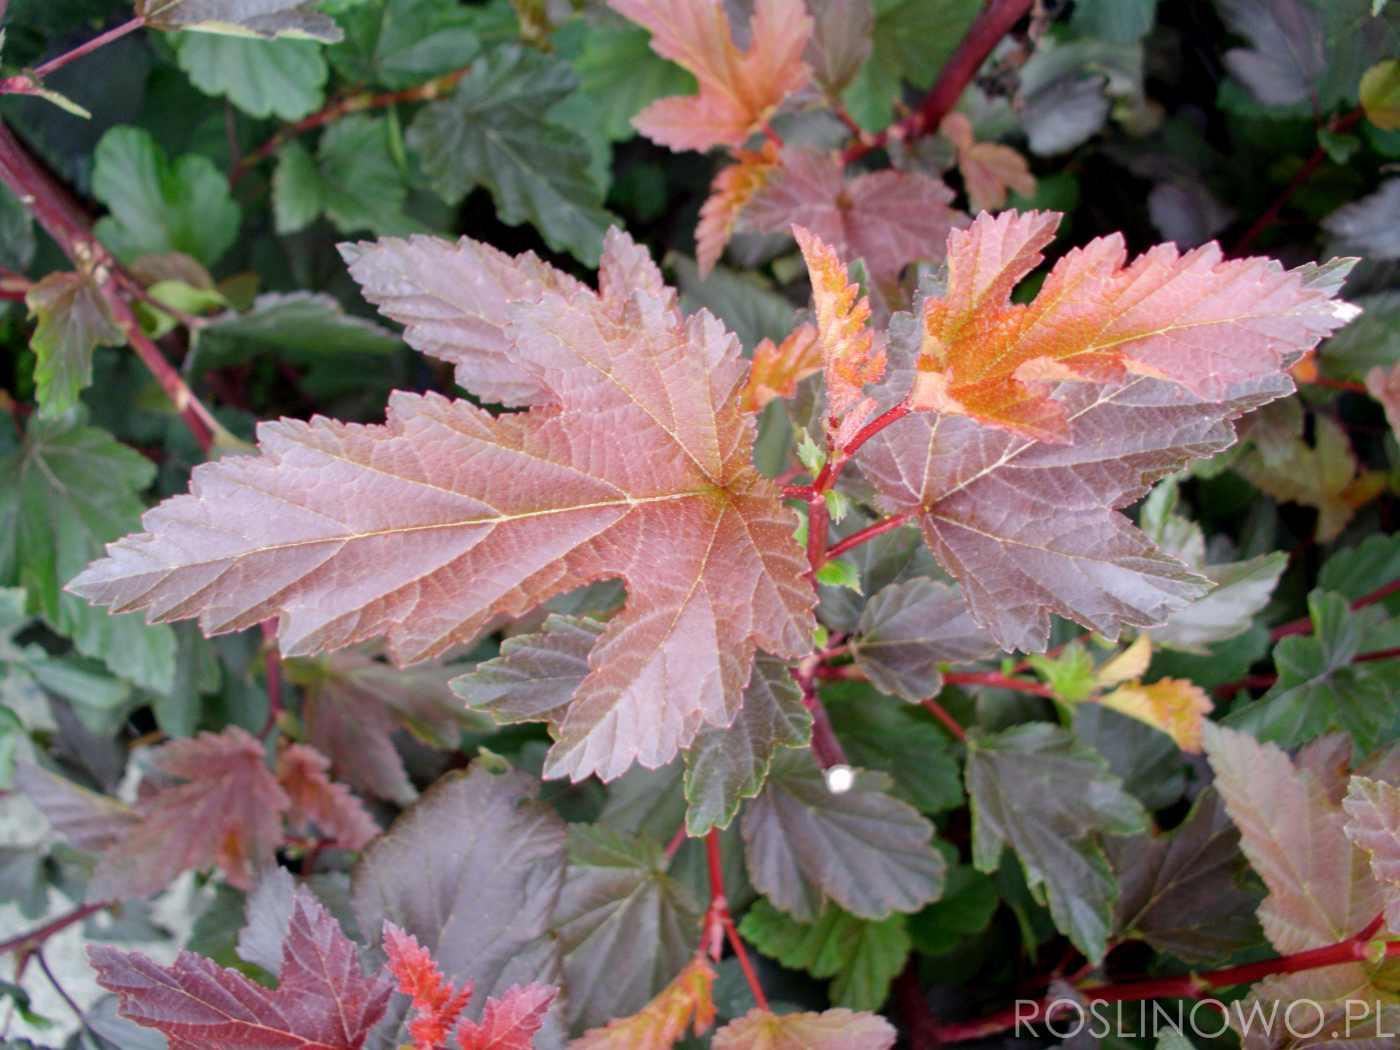 pęcherznica diabolo - krzew ozdobny z liści i kwiatów